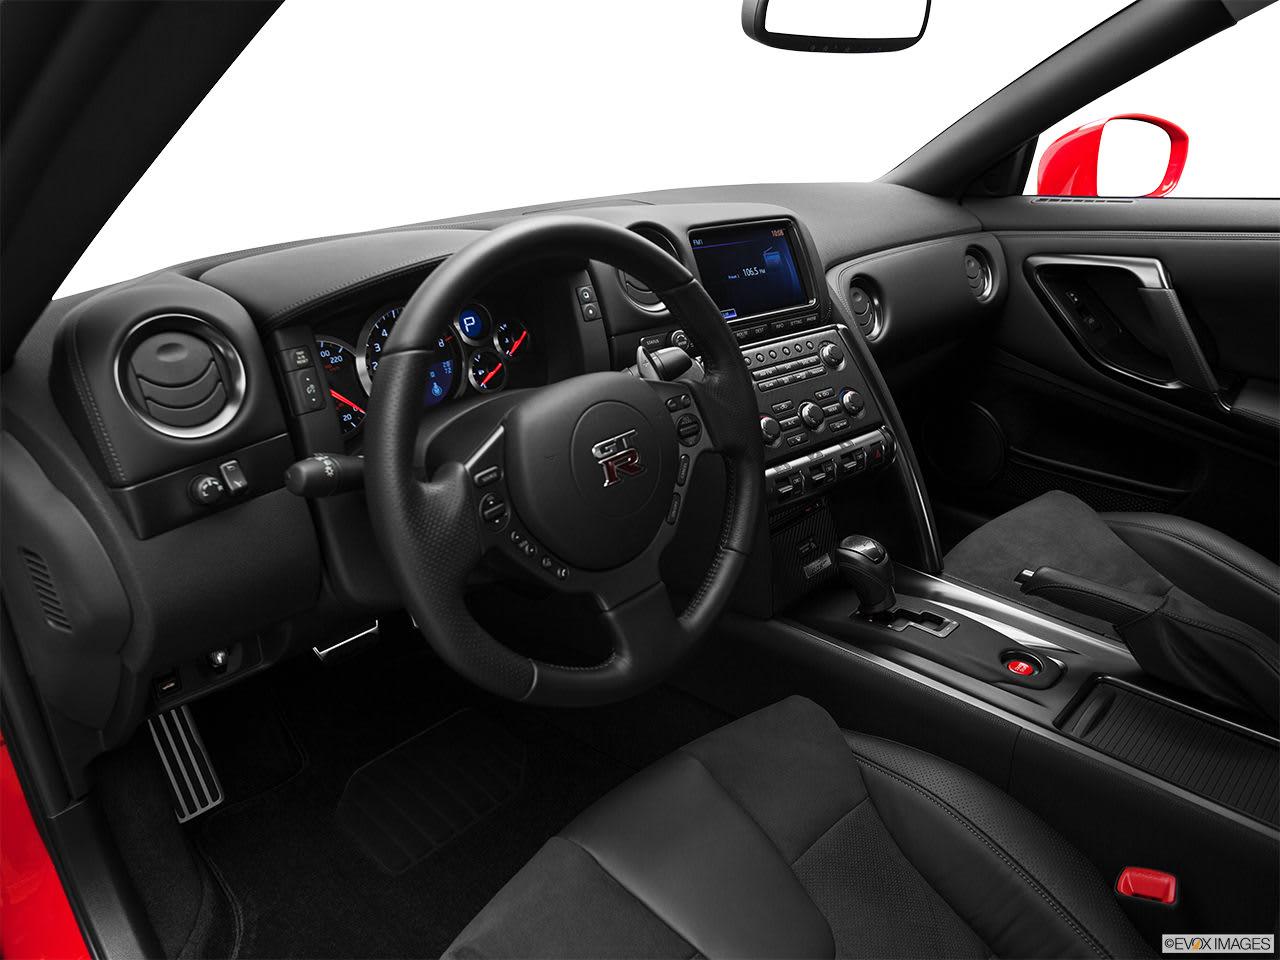 Nissan GT-R 2012 Interior